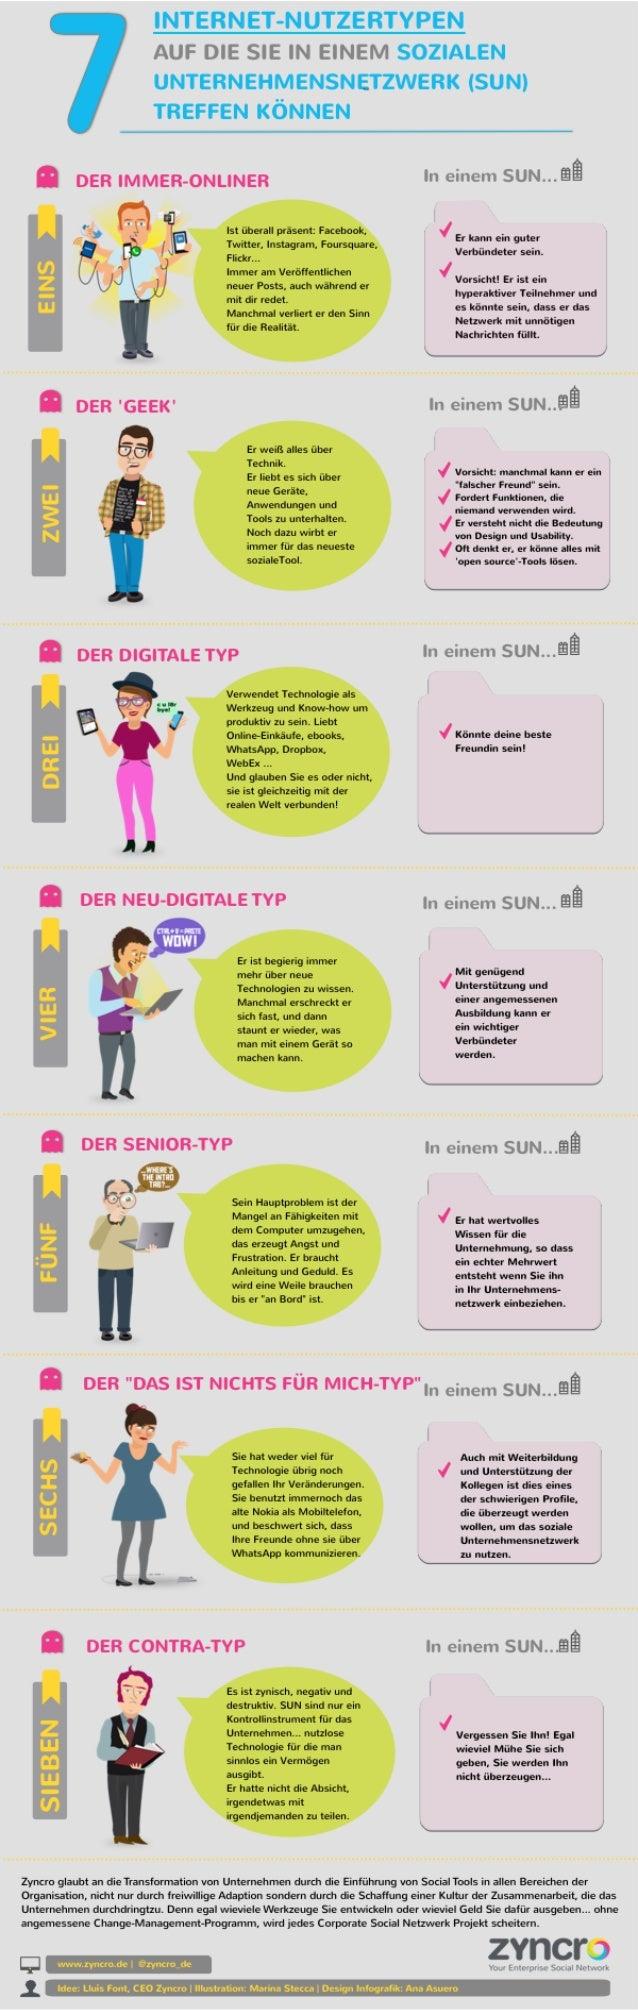 Infografik: 7 typen von internetnutzern, die sie auf einem sozialen unternehmensnetzwerk antreffen können